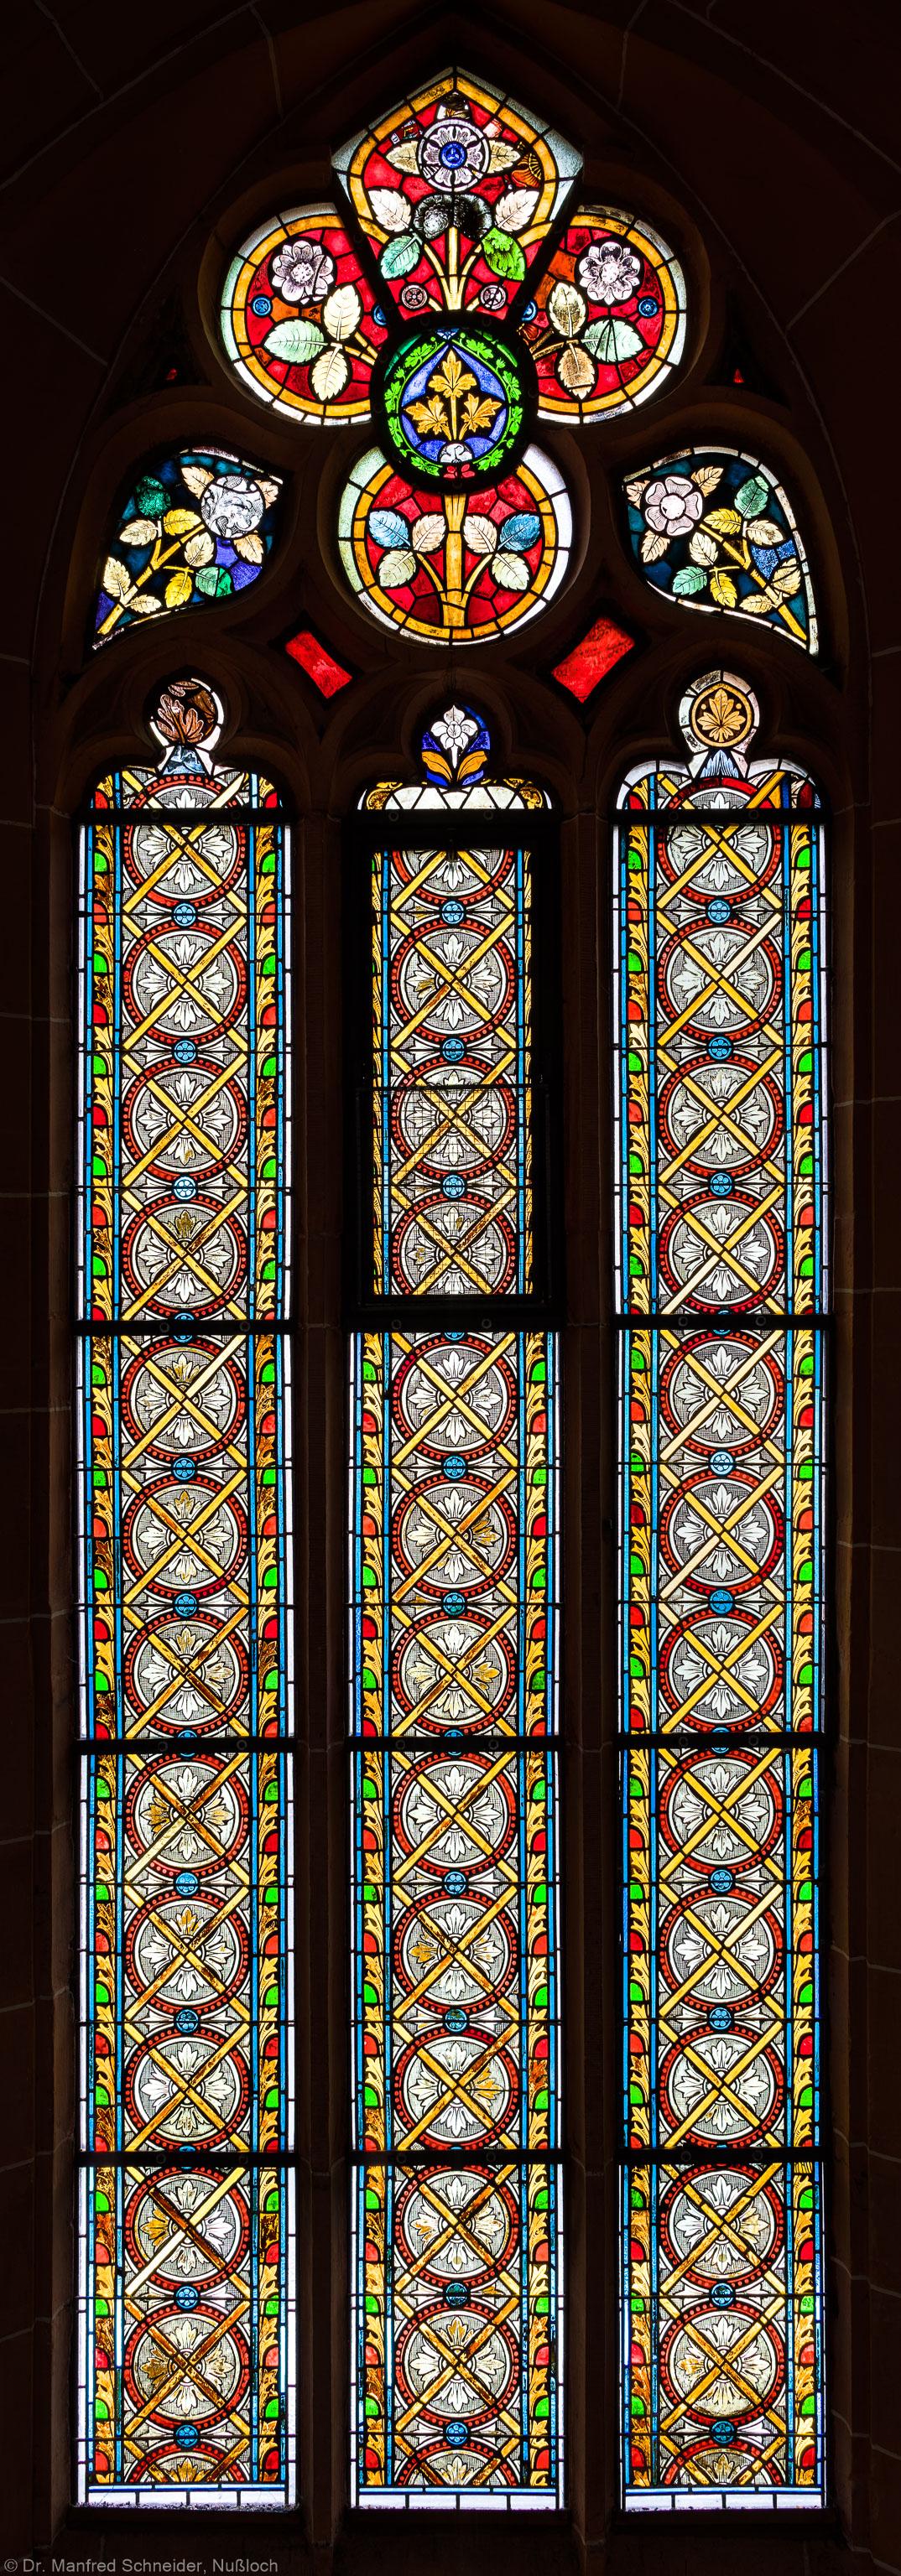 Heidelberg - Heiliggeistkirche - Südschiff - 4. Joch, von Westen aus gezählt - Gesamtaufnahme des Ornamentfensters (aufgenommen im Oktober 2015, um die Mittagszeit)